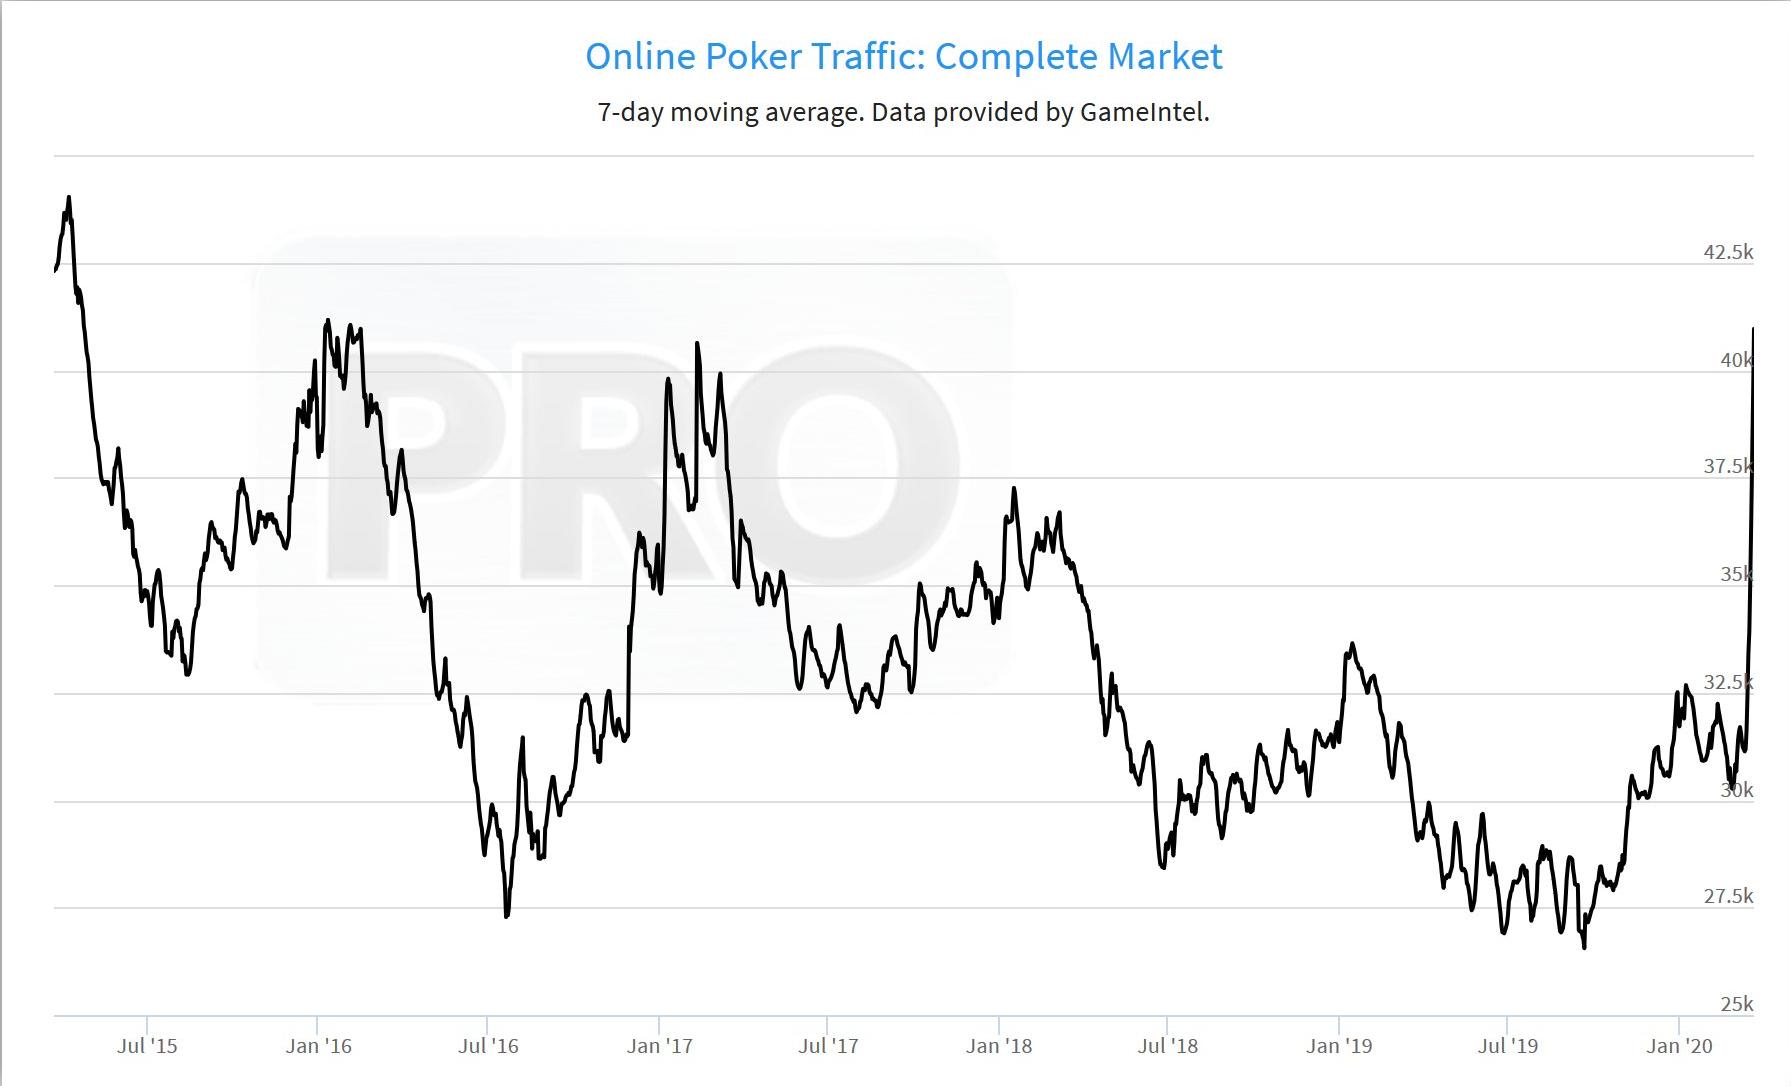 Tráfego de cash games no poker online